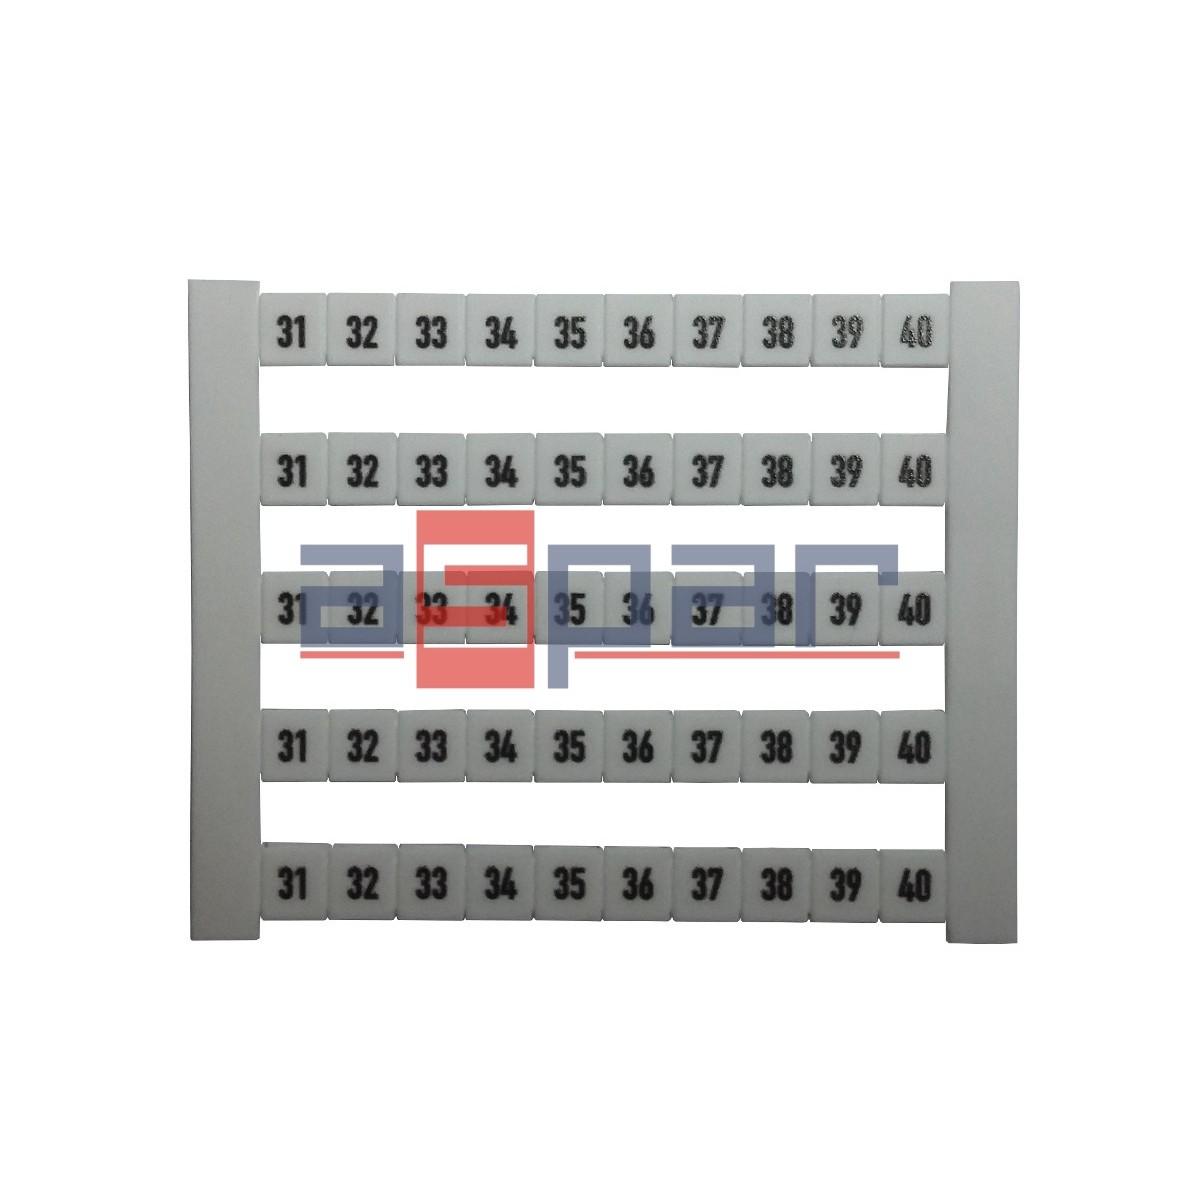 Oznacznik poziomy DEK 5 FWZ 31-40, 0523060031